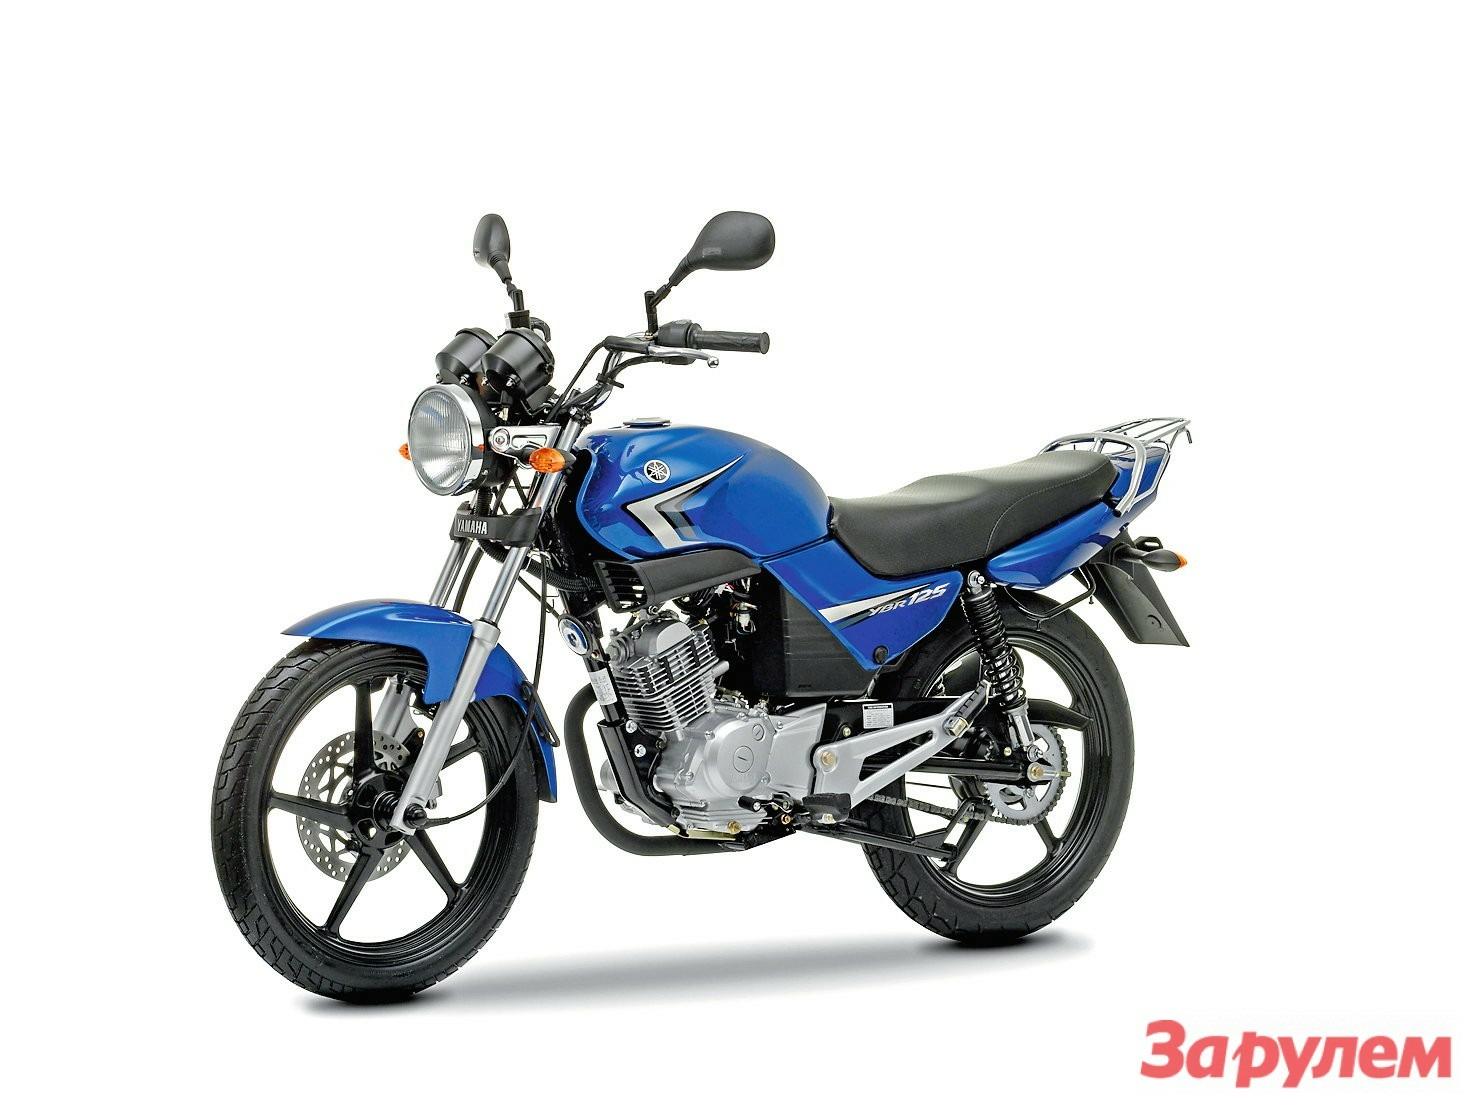 Yamaha YBR 125 великолепно подходит для начинающих мотоциклистов